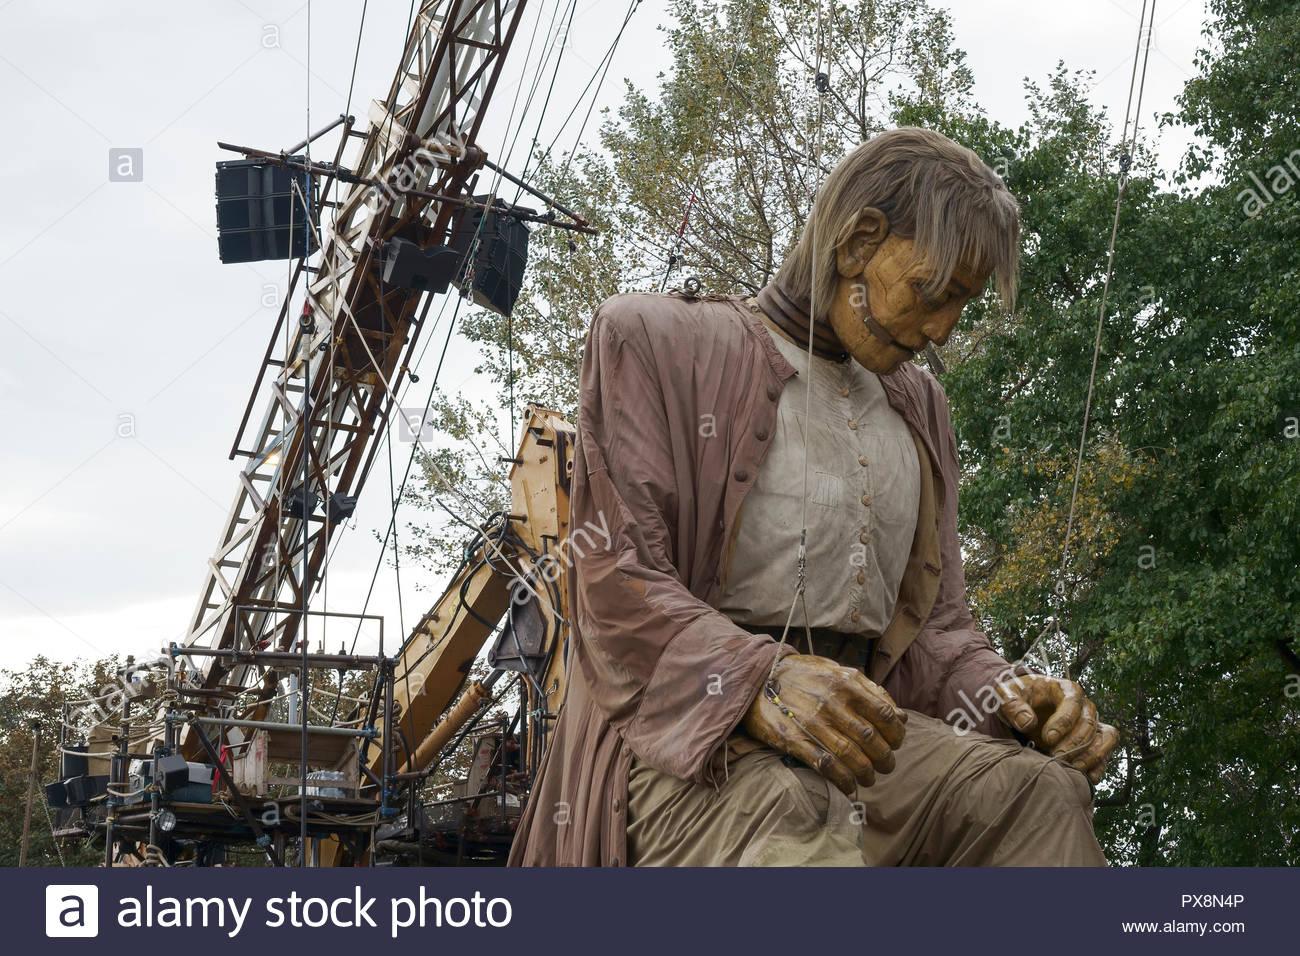 El gigante toma un descanso durante los gigantes espectacular desfile en el centro de la ciudad de Liverpool, Reino Unido Foto de stock